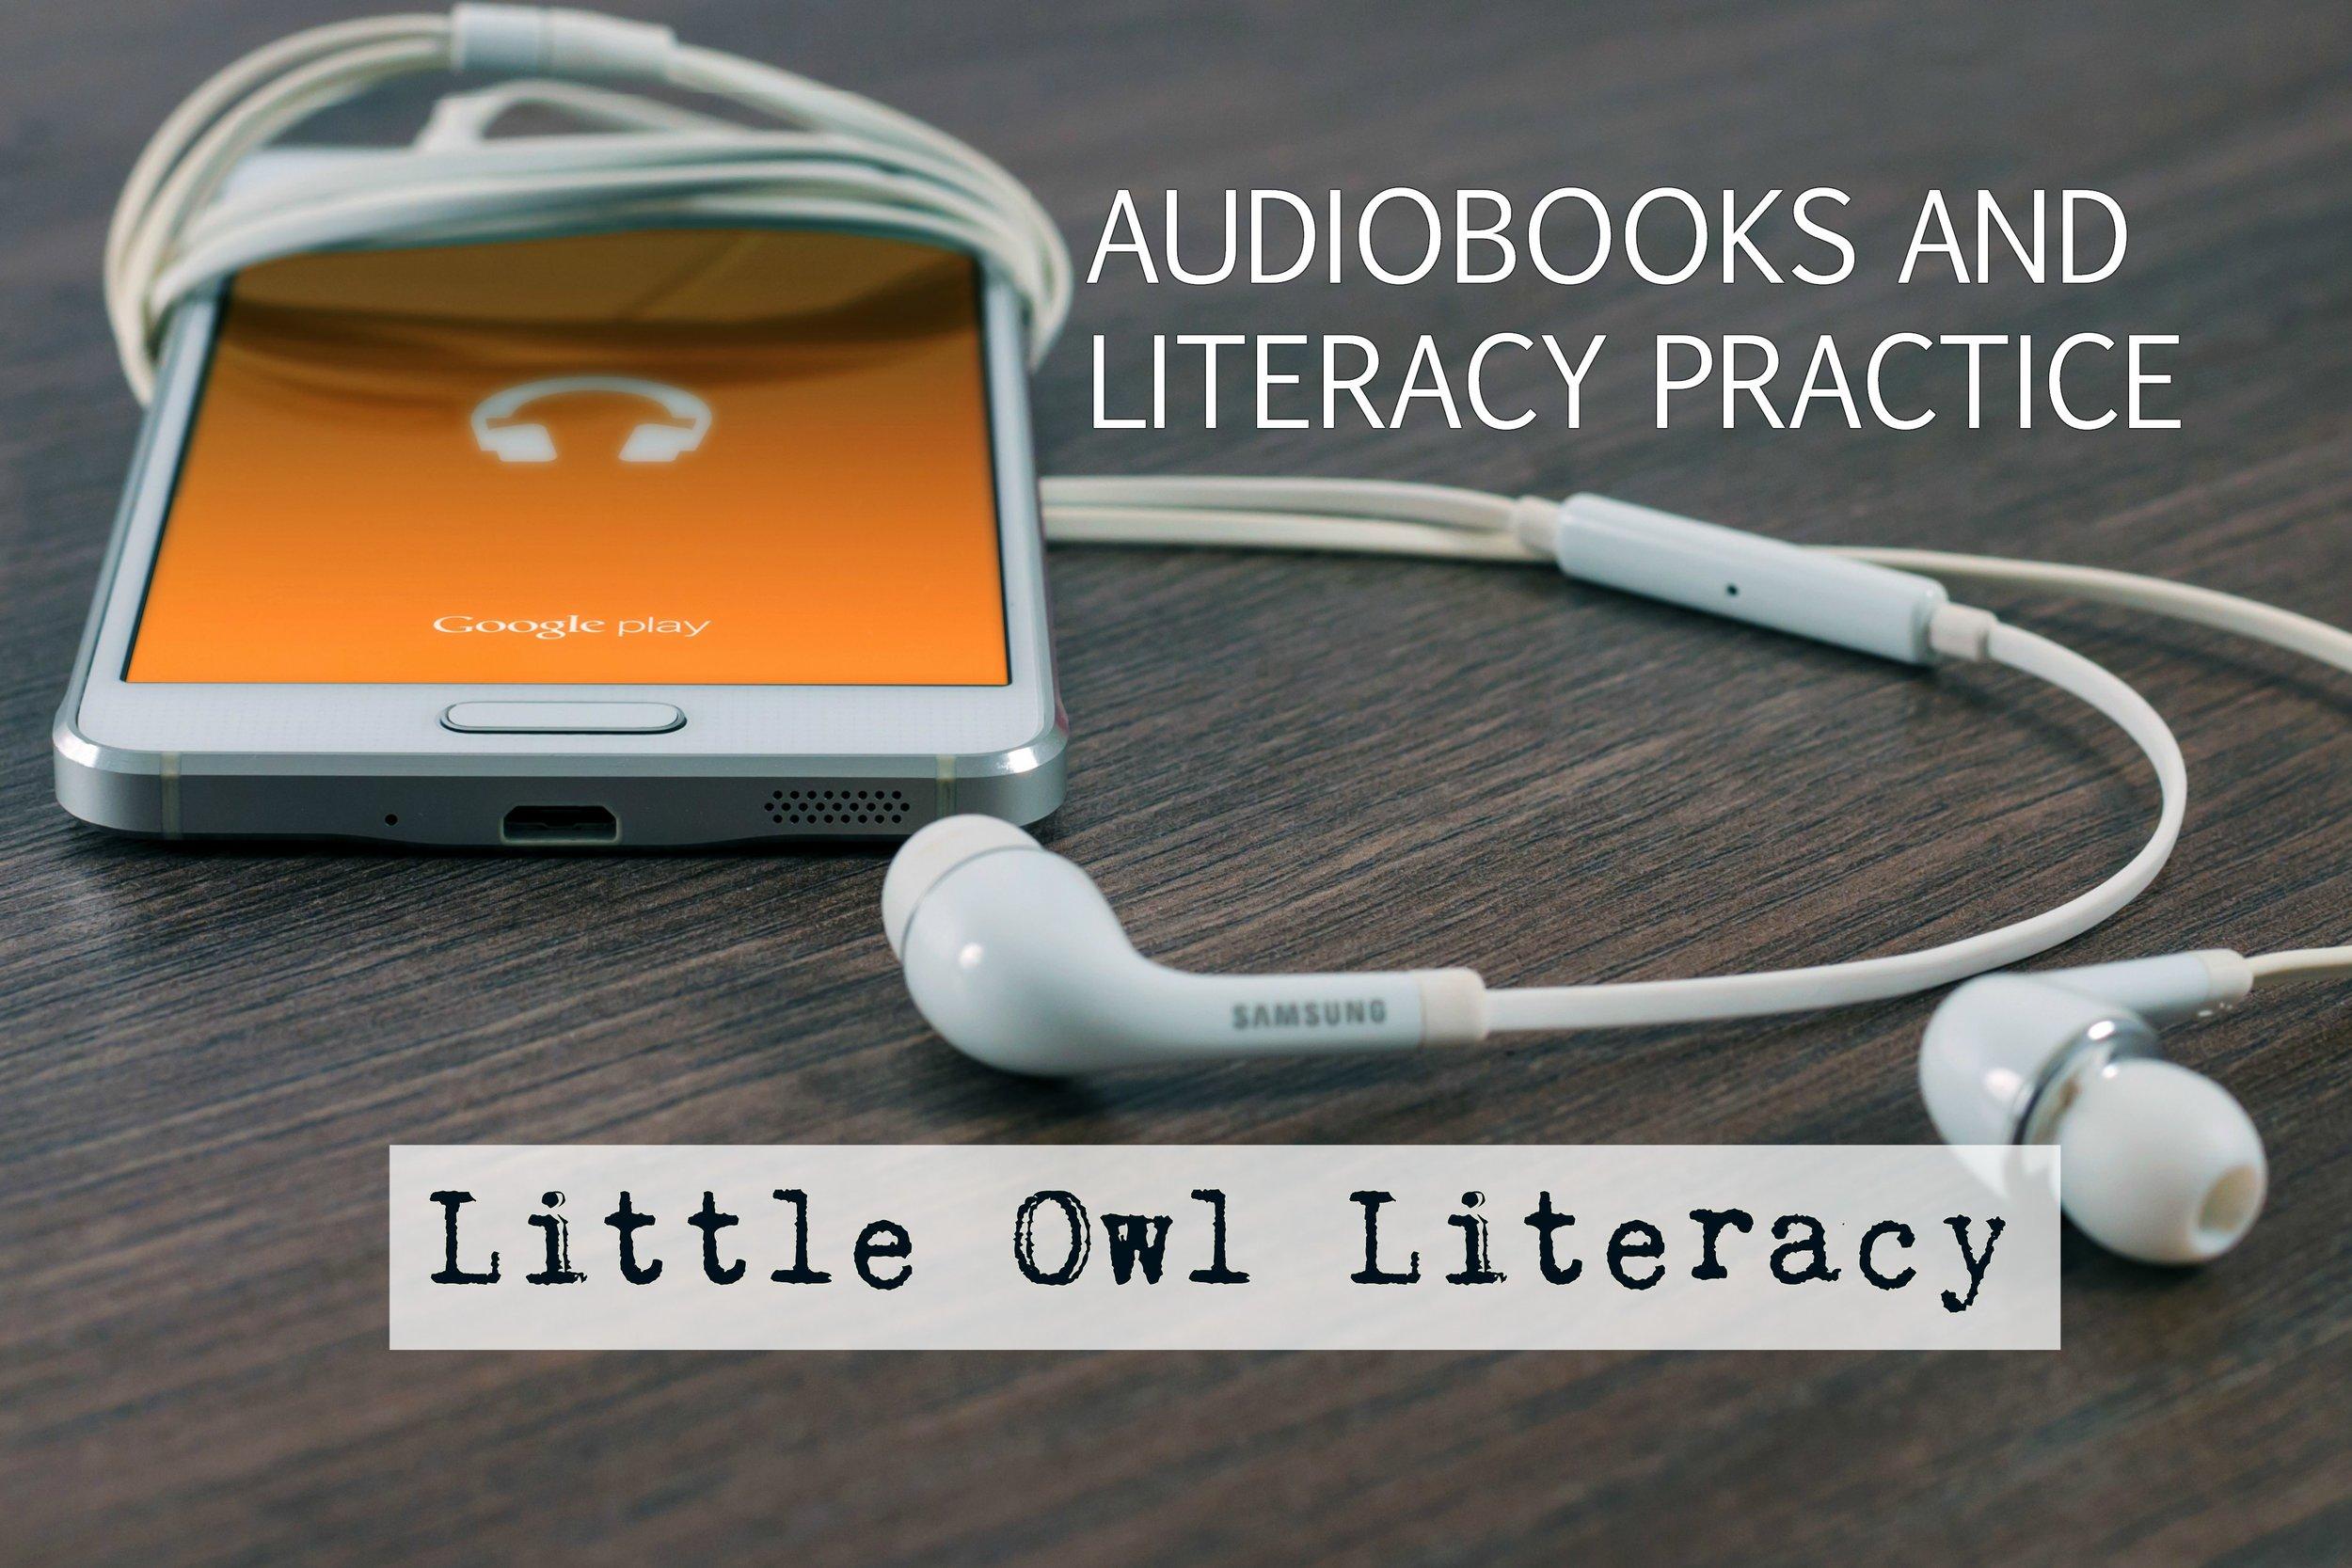 littleowl-audiobooks.jpg